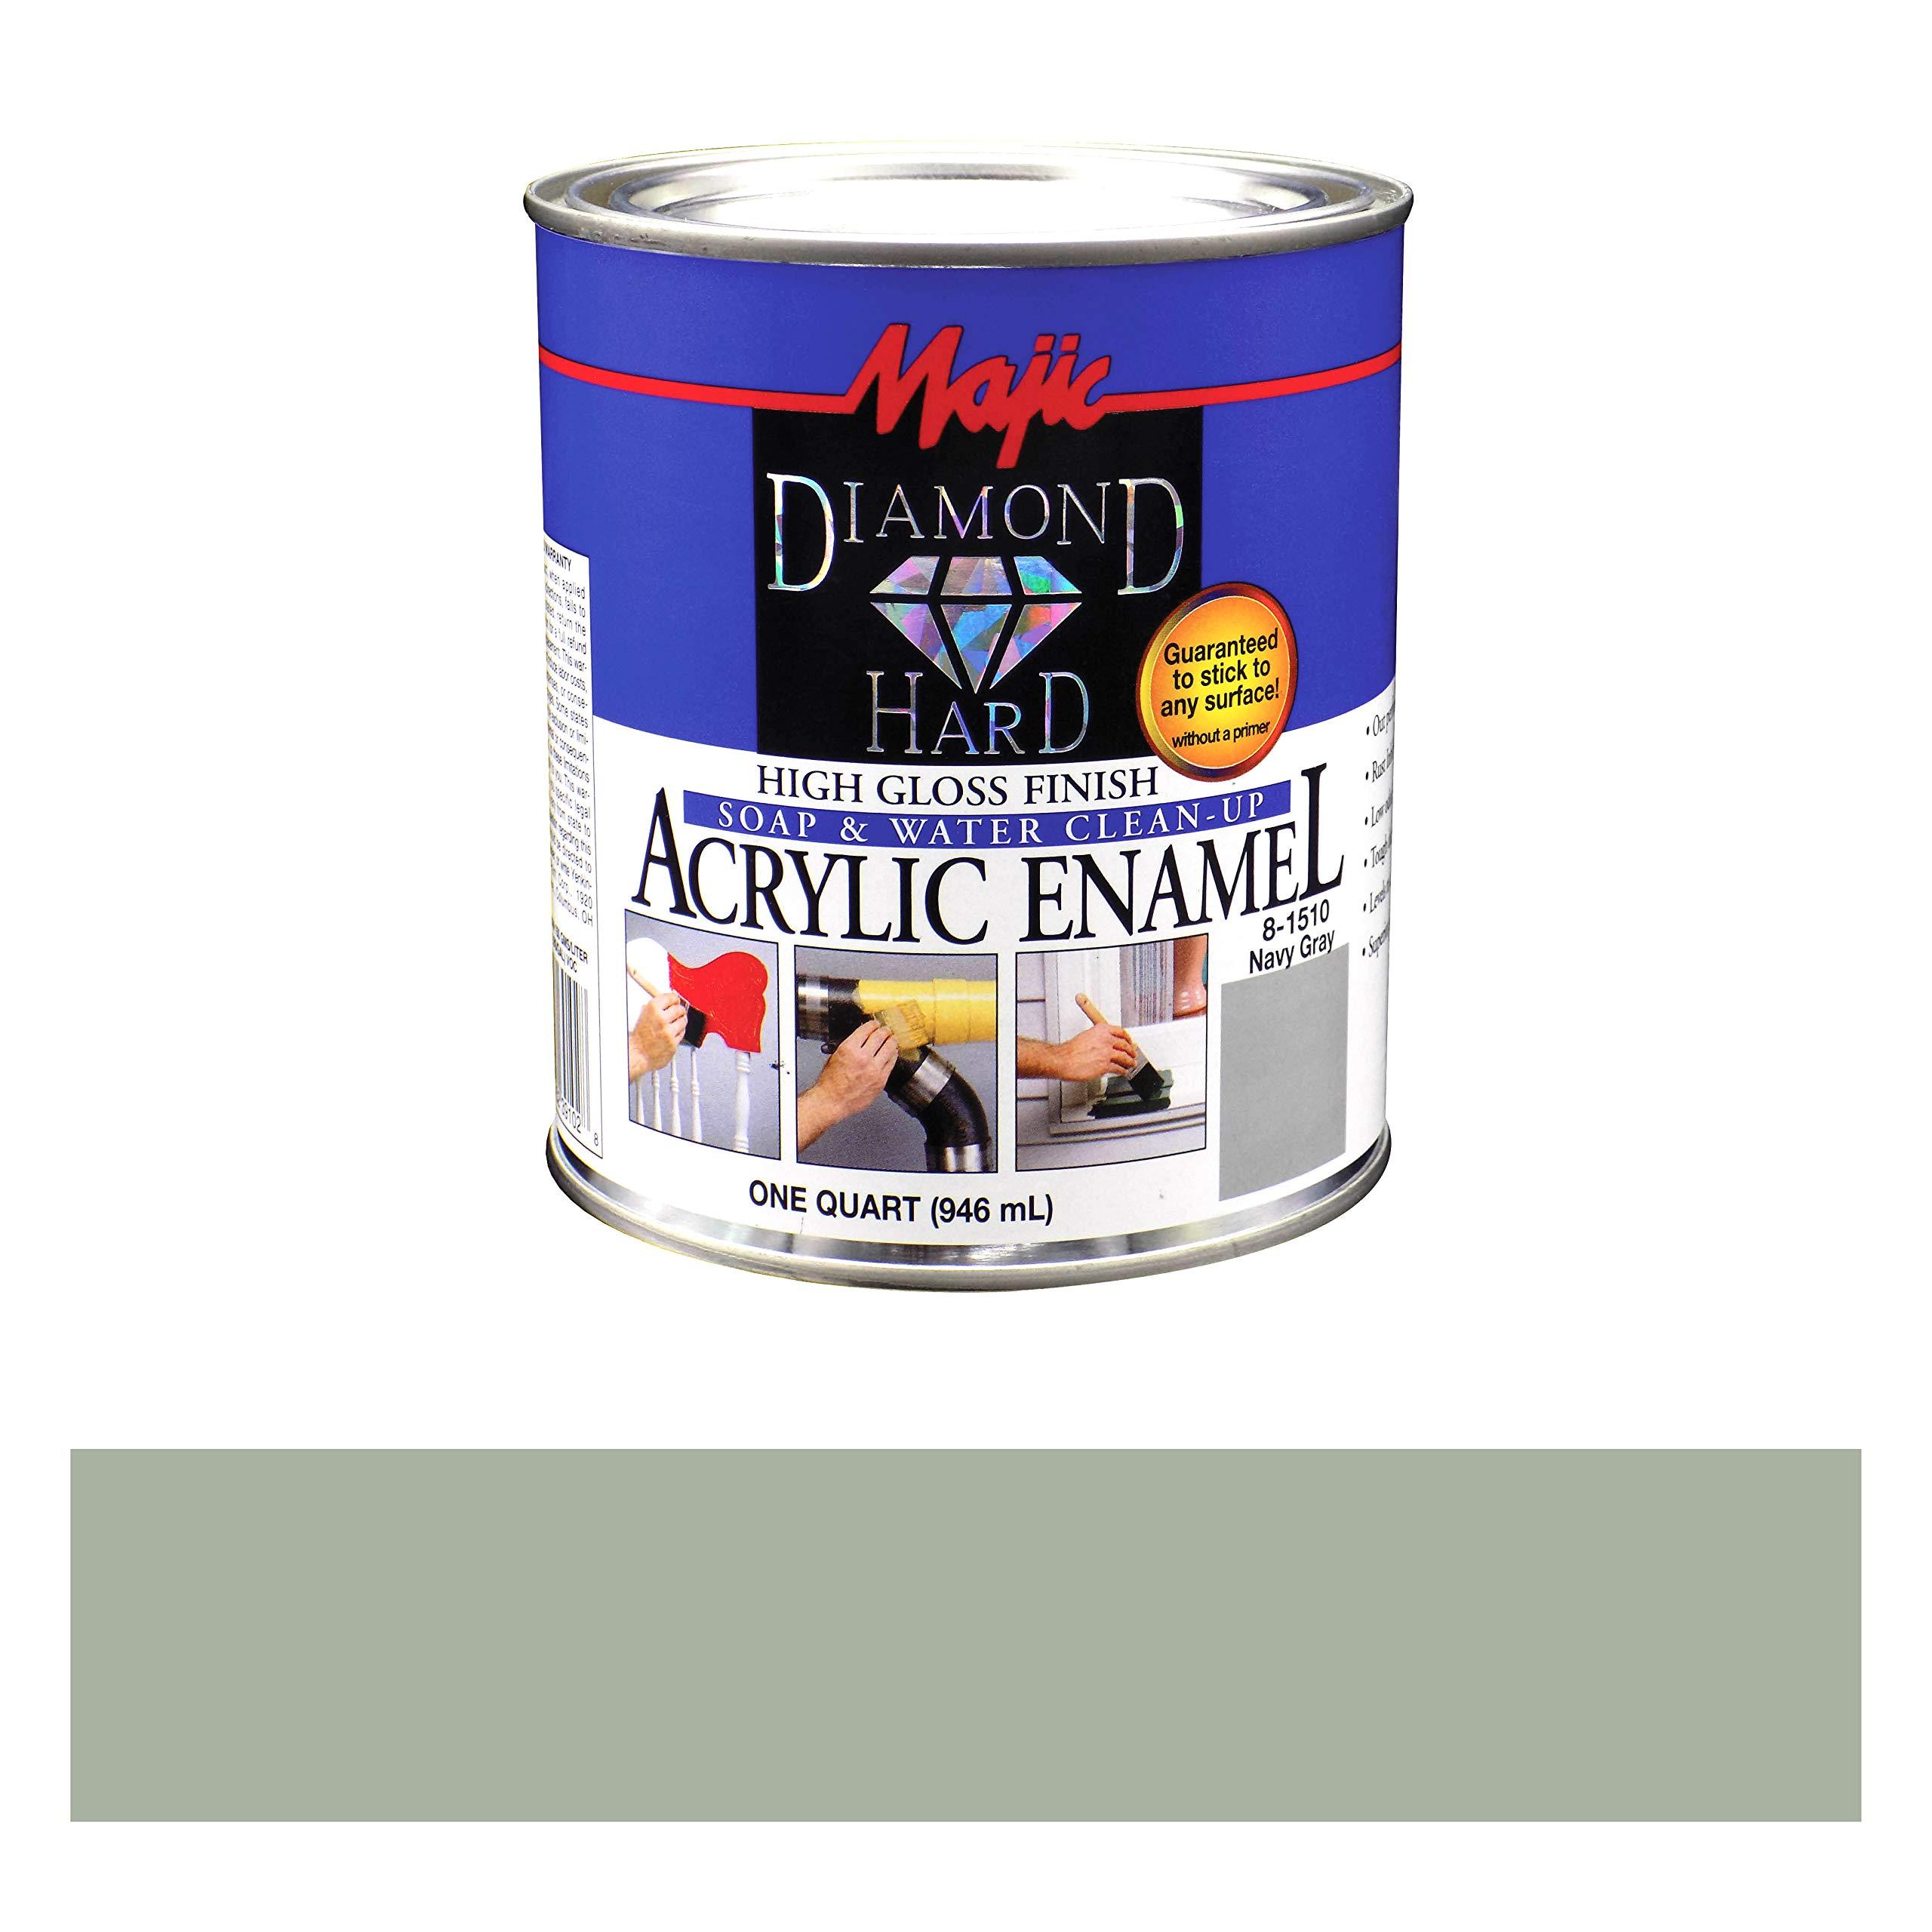 Majic Paints 8-1510-2 Diamond Hard Acrylic Enamel High Gloss Paint, 1- Quart, Navy Gray